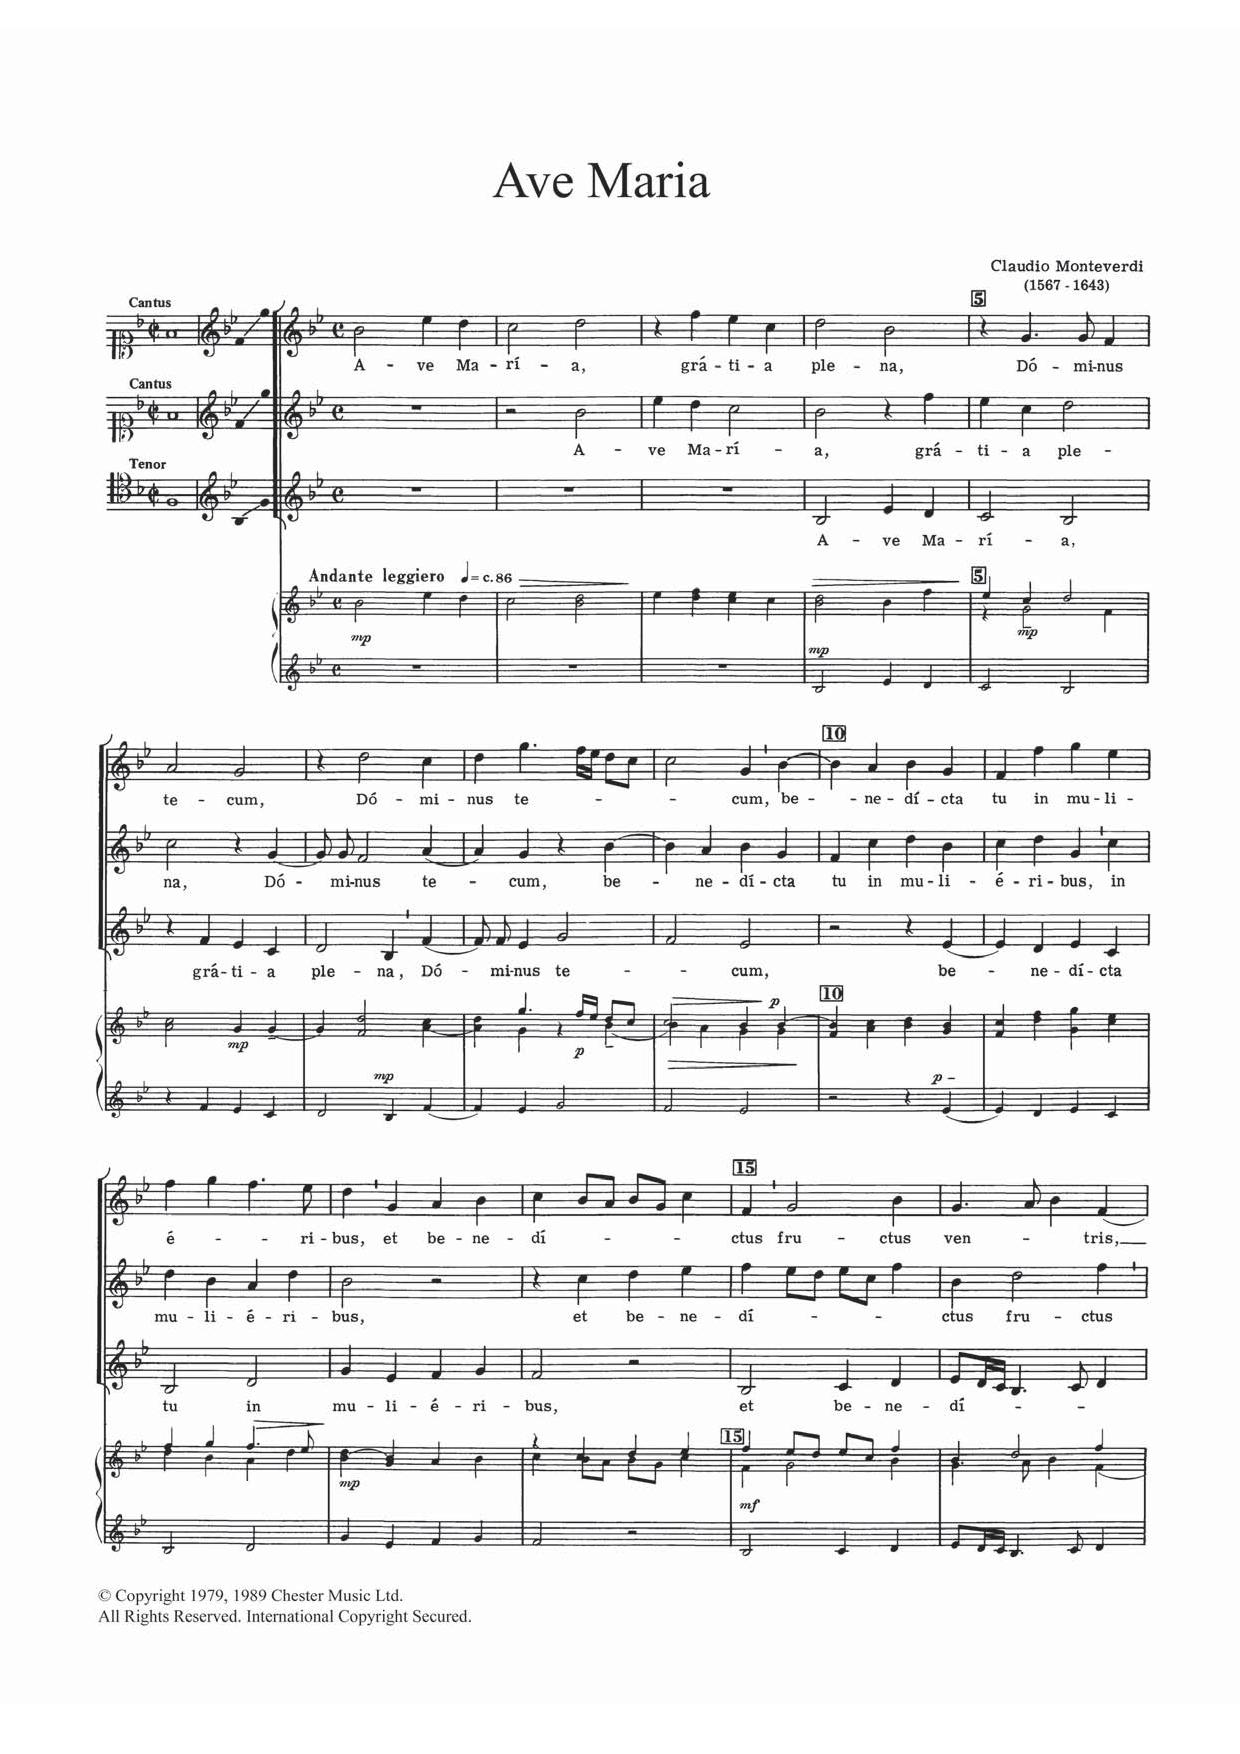 Claudio Monteverdi - Ave Maria